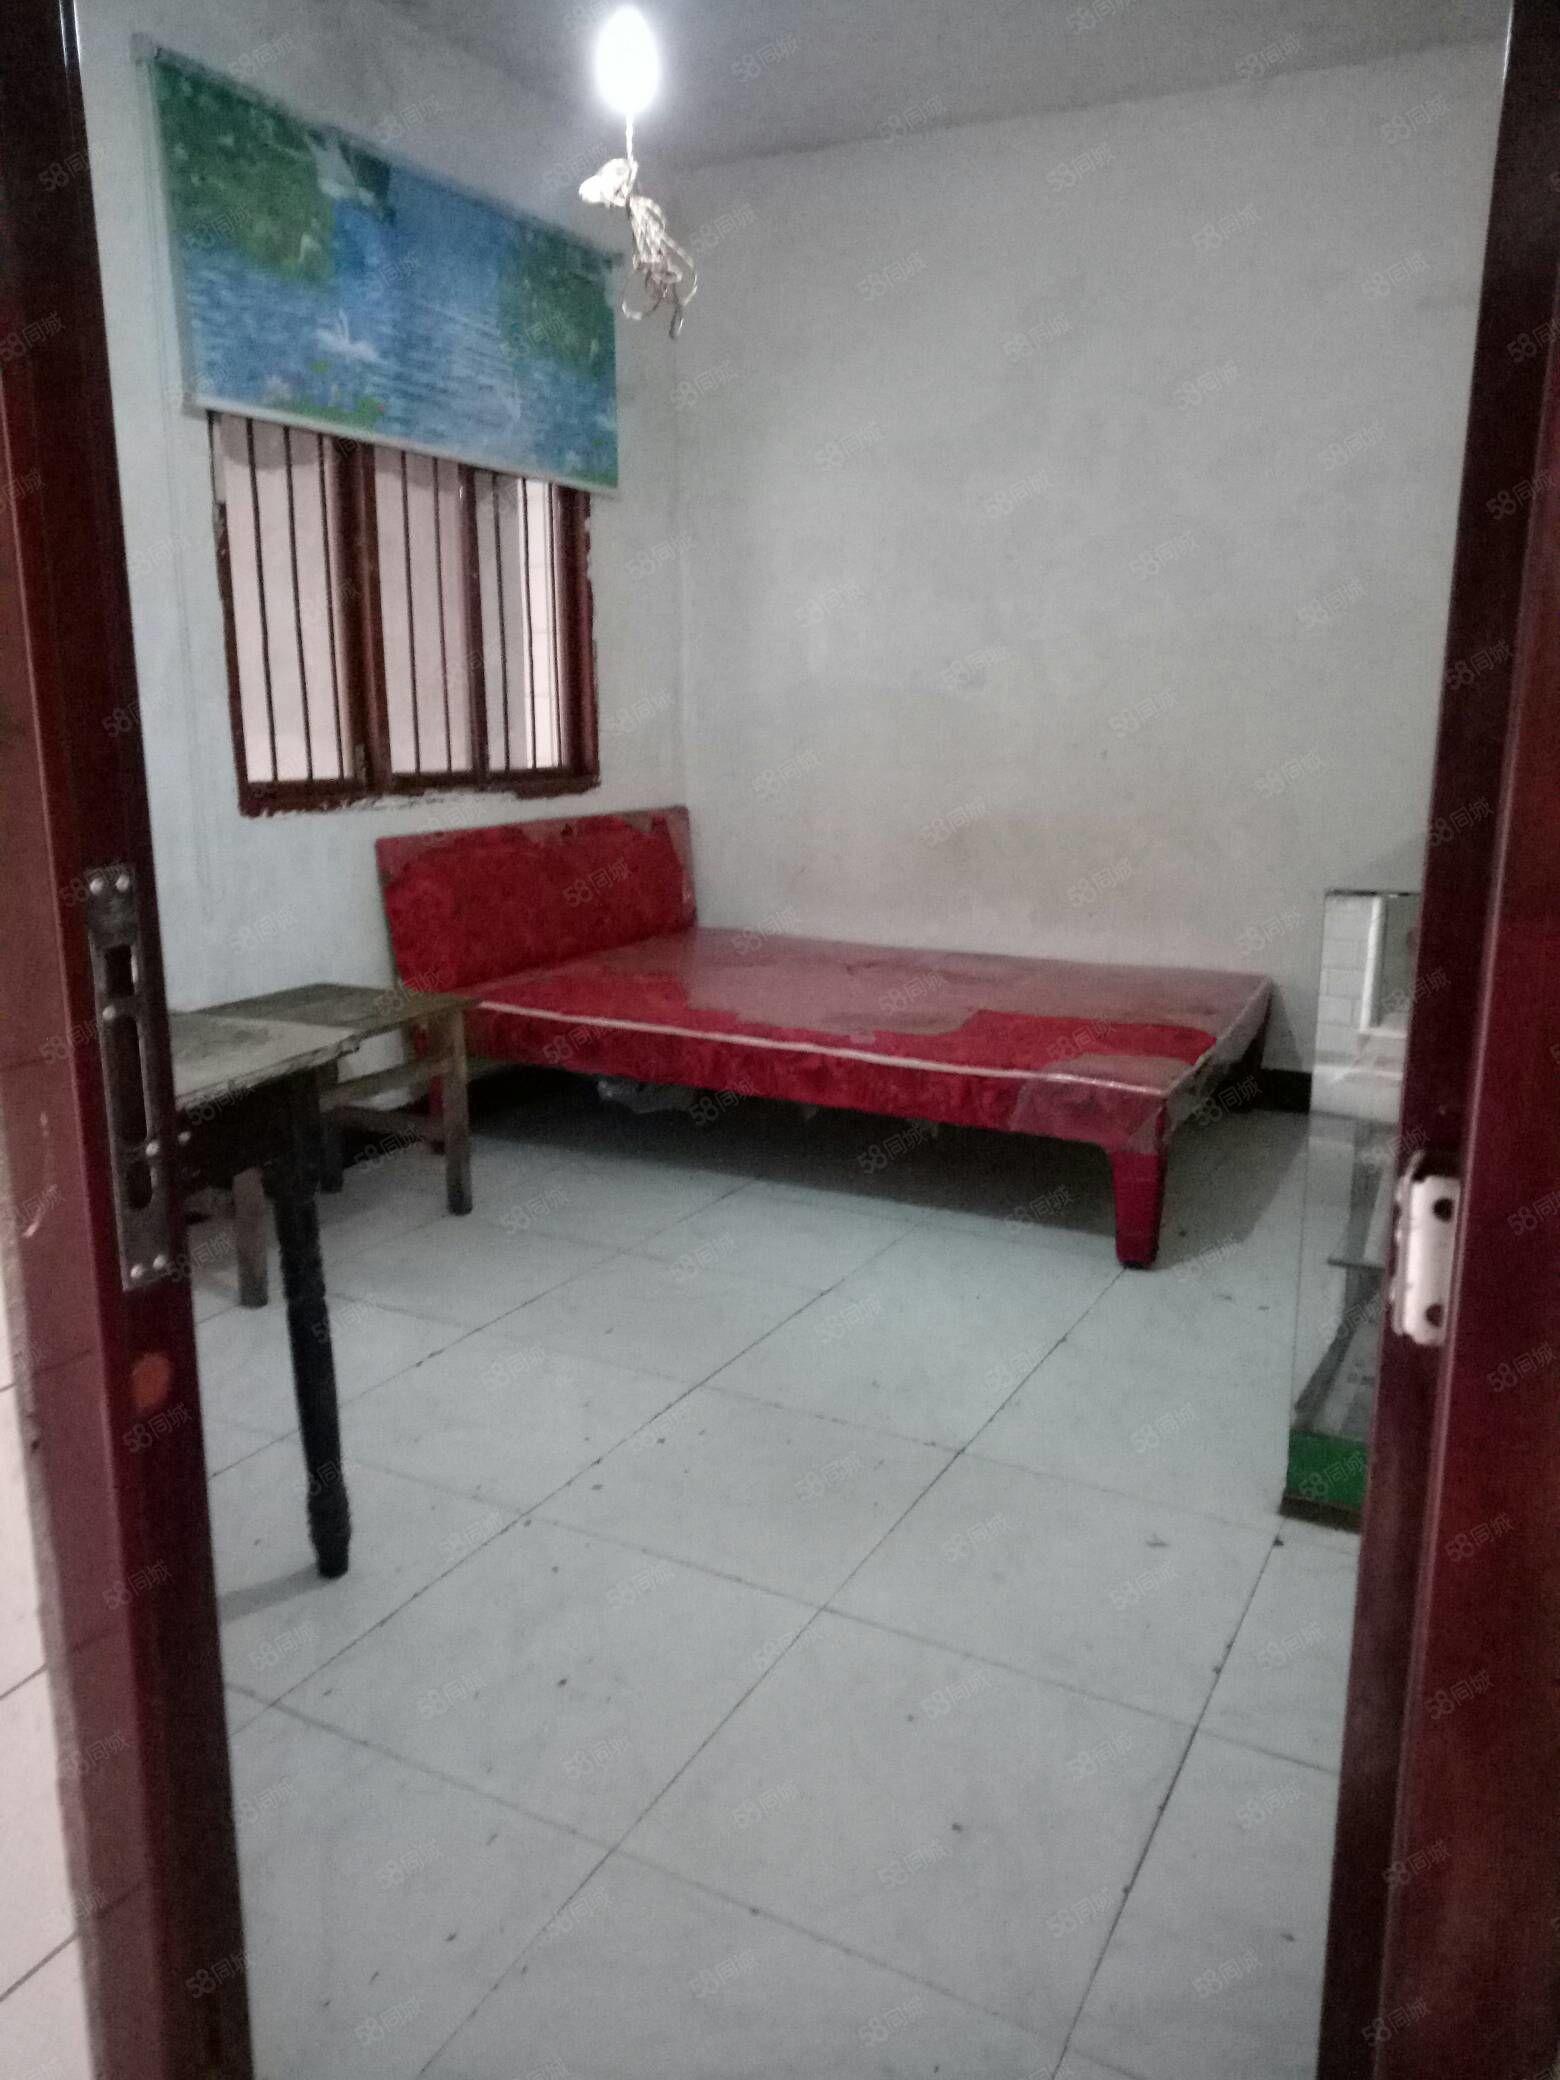 二医附近两室一厅一厨一卫,有热水器,床,还有个很大的天台!